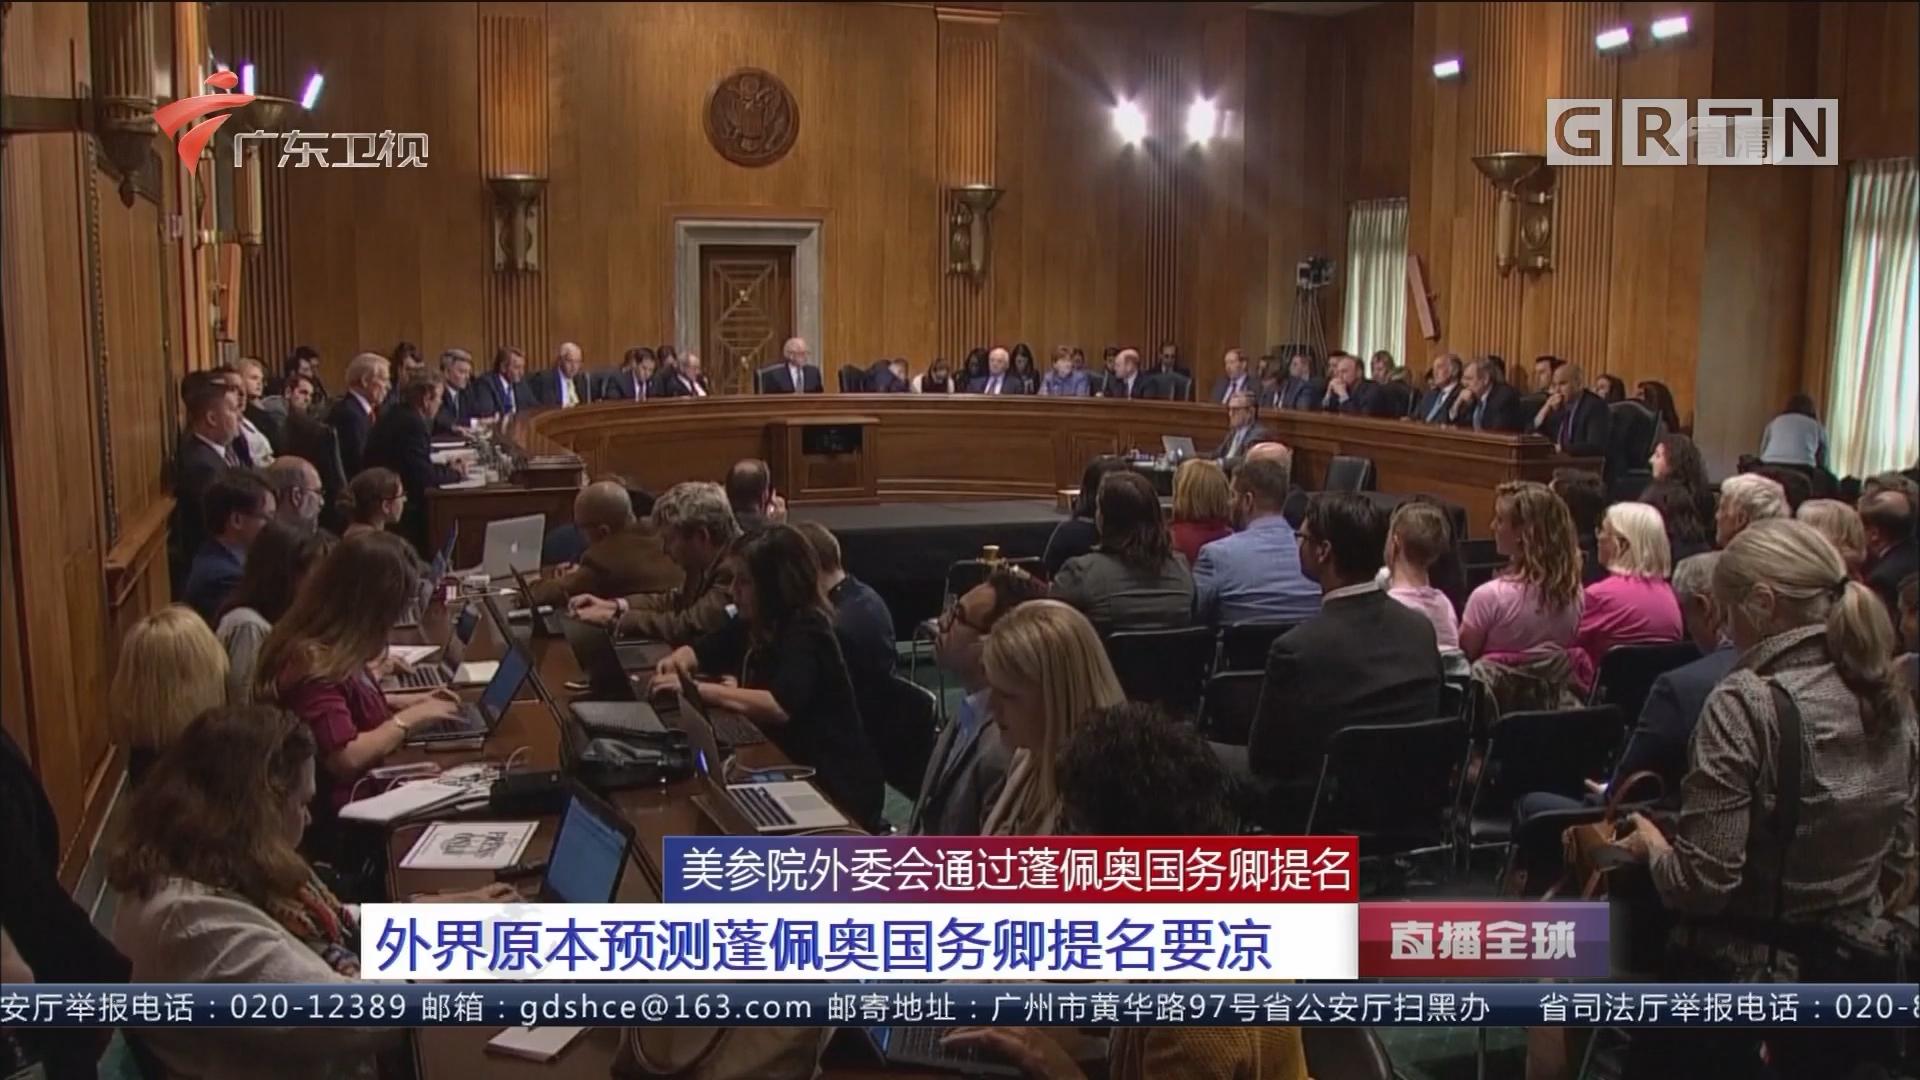 美参院外委会通过蓬佩奥国务卿提名 外界原本预测蓬佩奥国务卿提名要凉